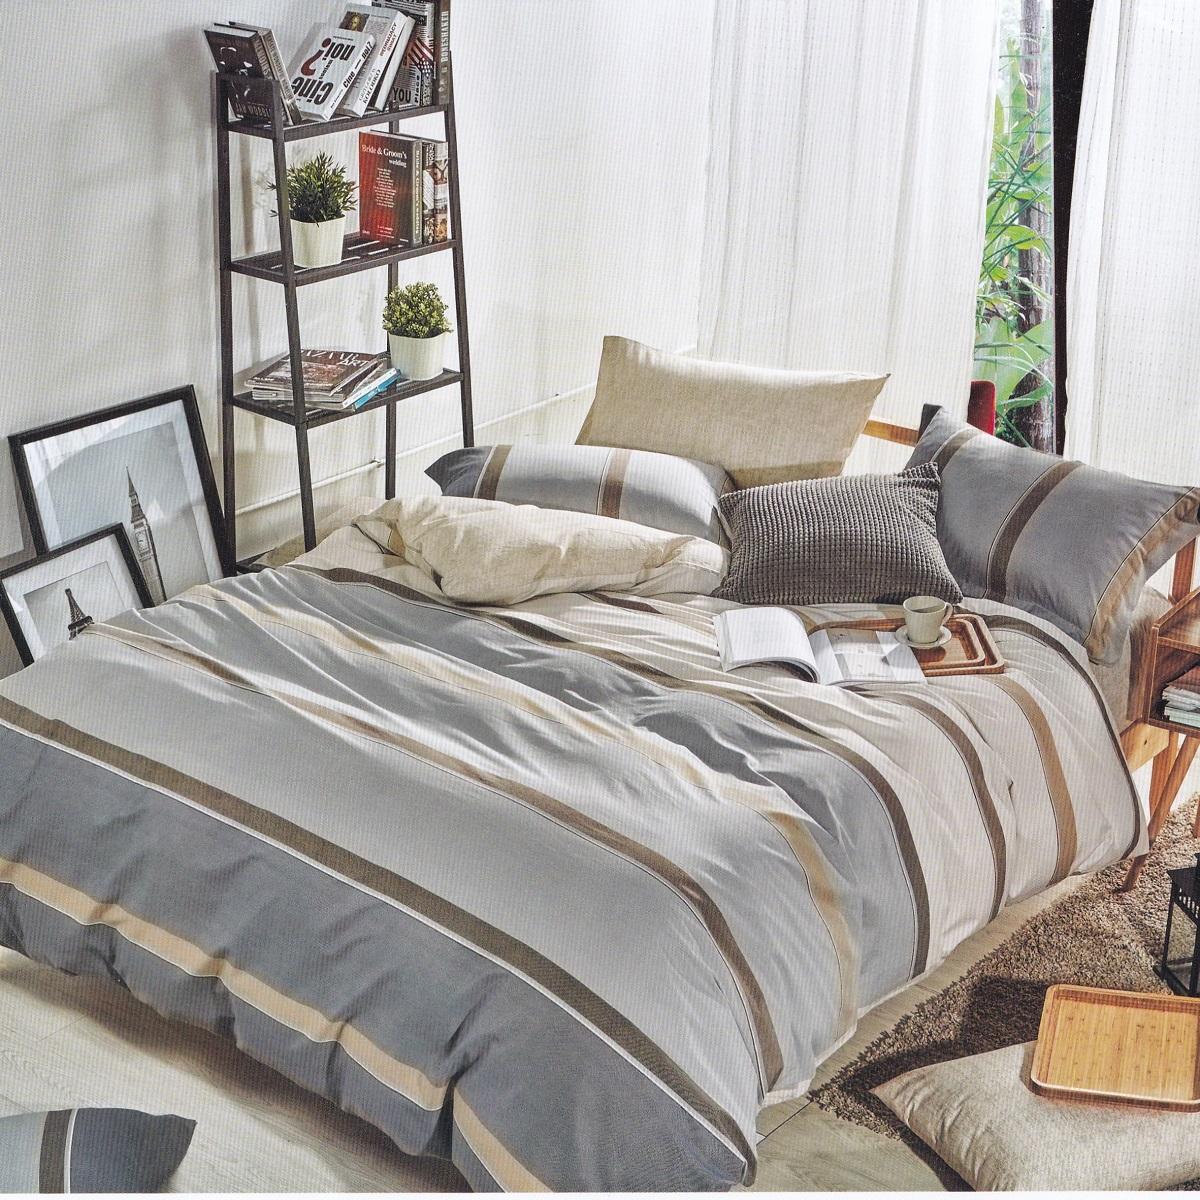 Постельное белье Сатин «KARNA» DELUX «FLOKSY». Комплект 1.5-спальный (160х220см.): пододеяльник 160х220см (1), простынь 160х230см (1), наволочки 50х70см (2). Ткань: сатин. Состав: 100% хлопок. Производство ТМ «KARNA» («Карна»), Турция